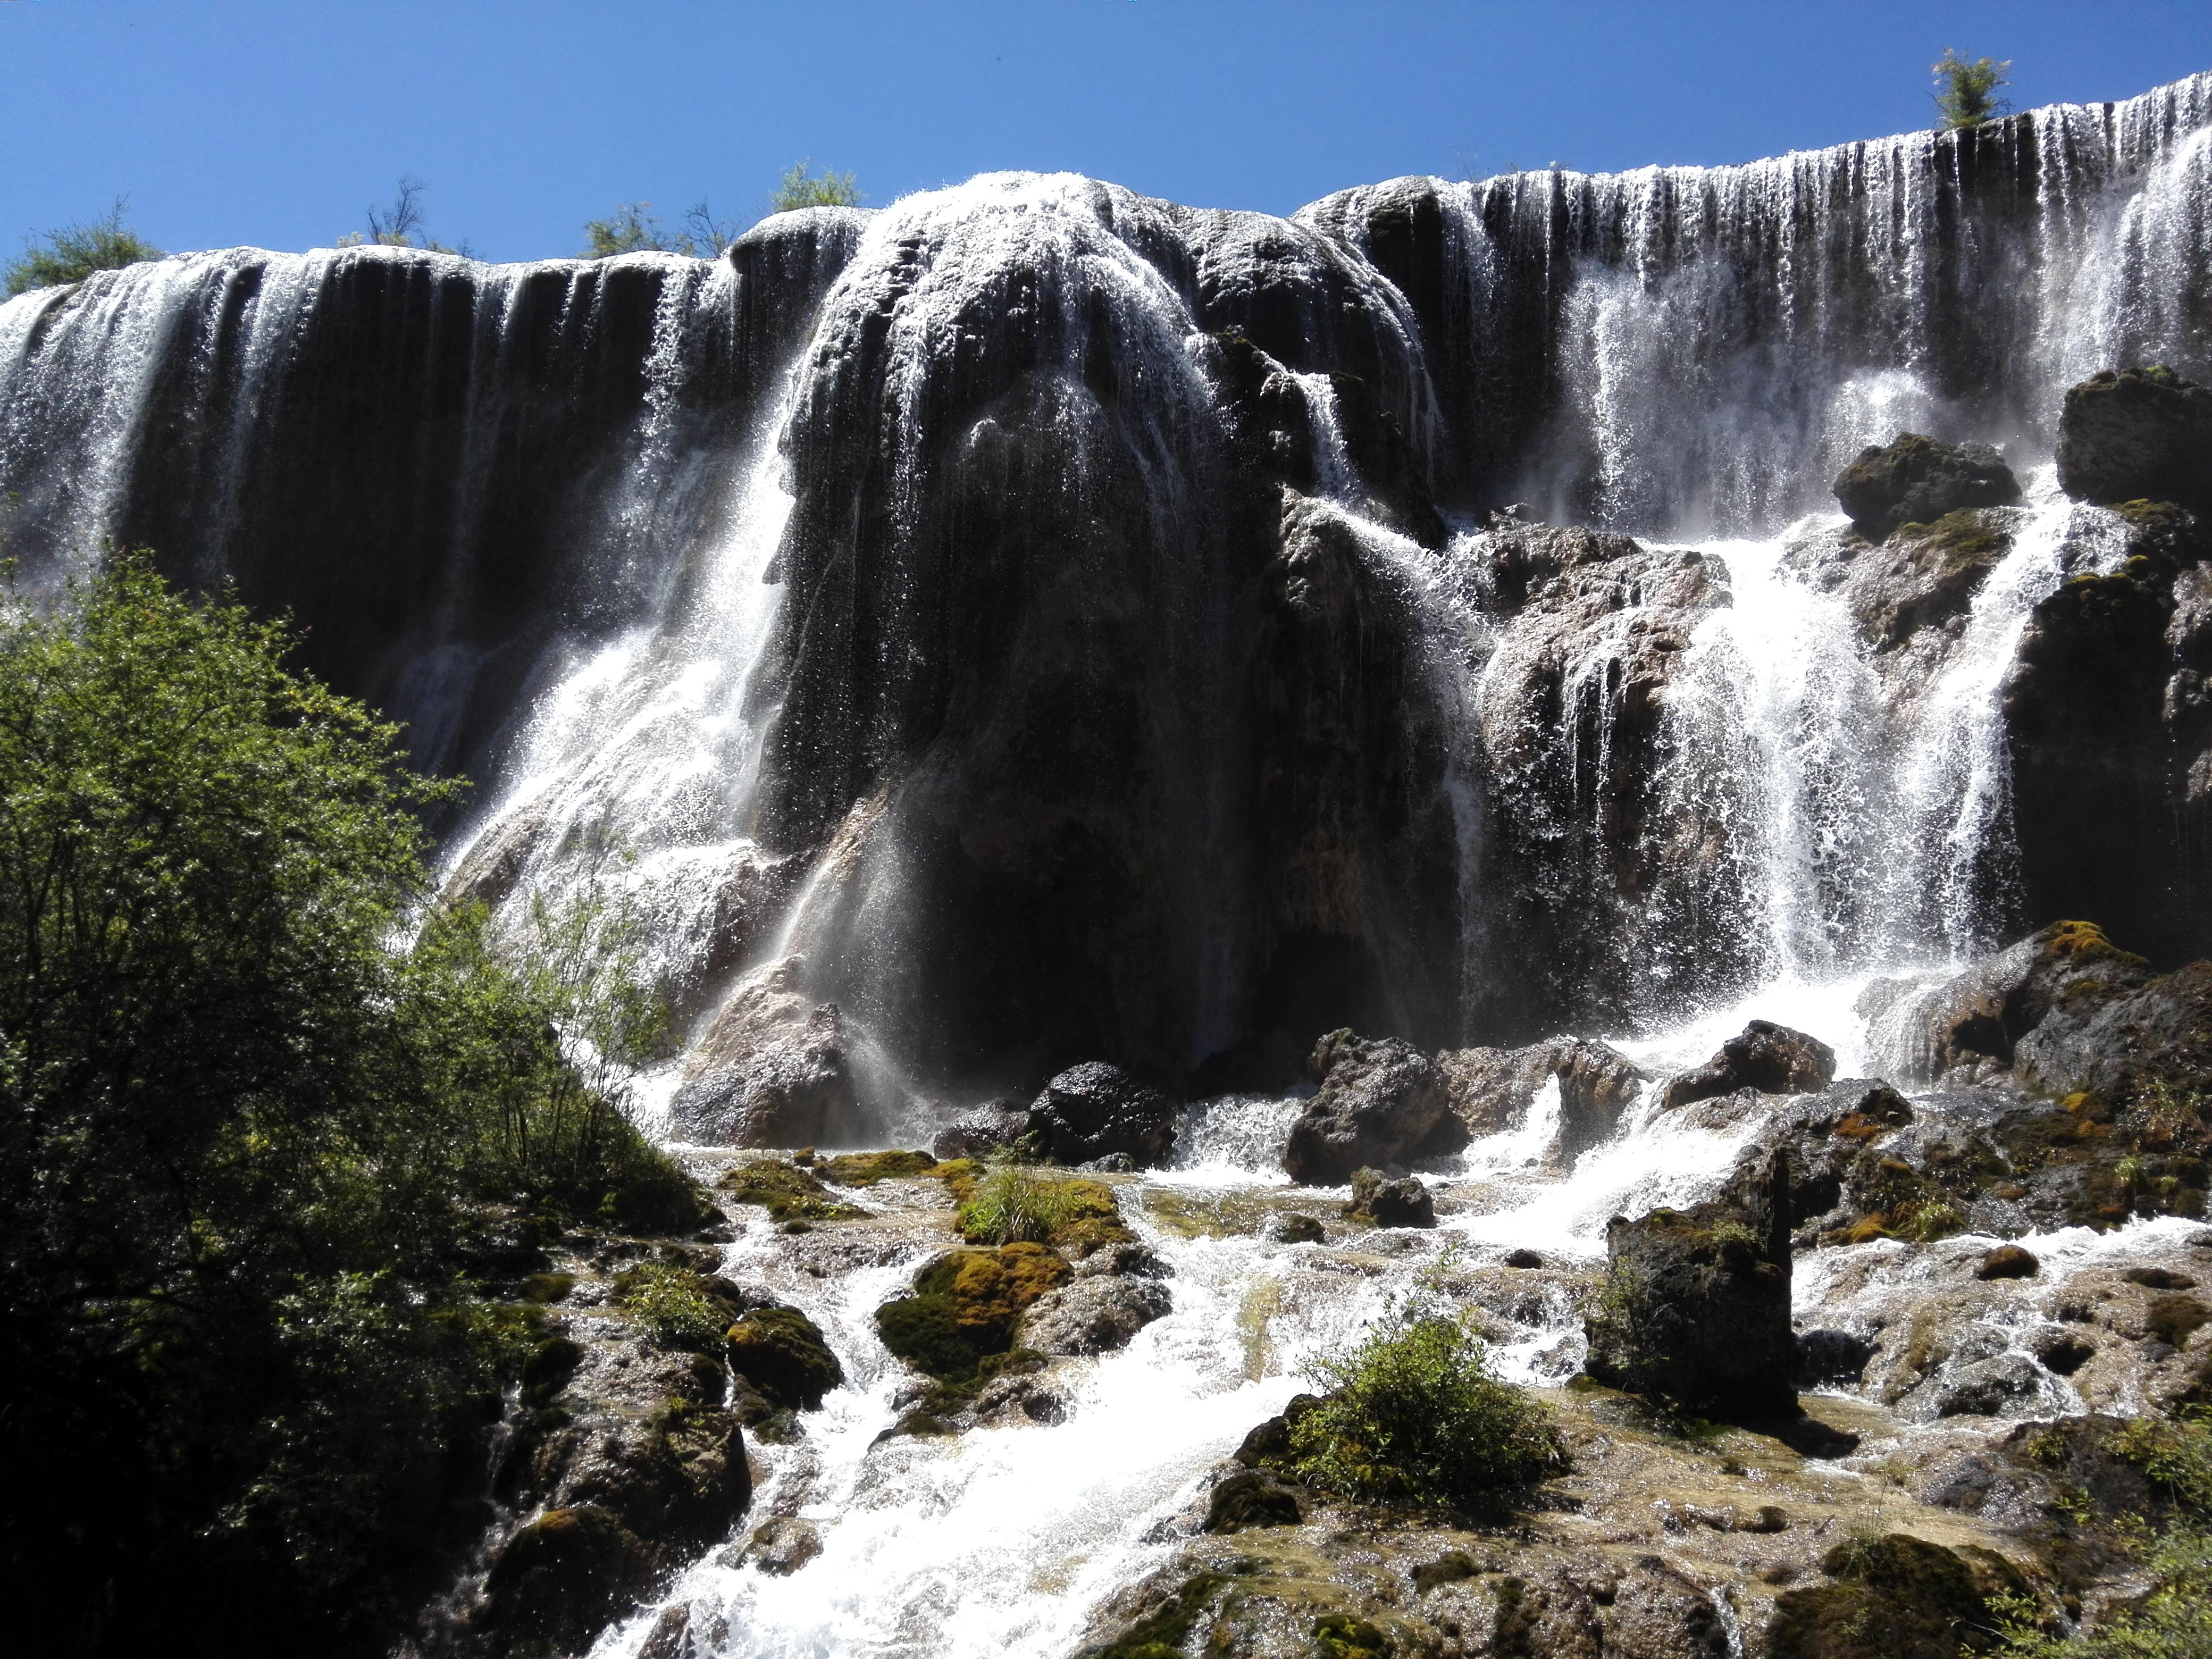 西游记外景珍珠滩瀑布